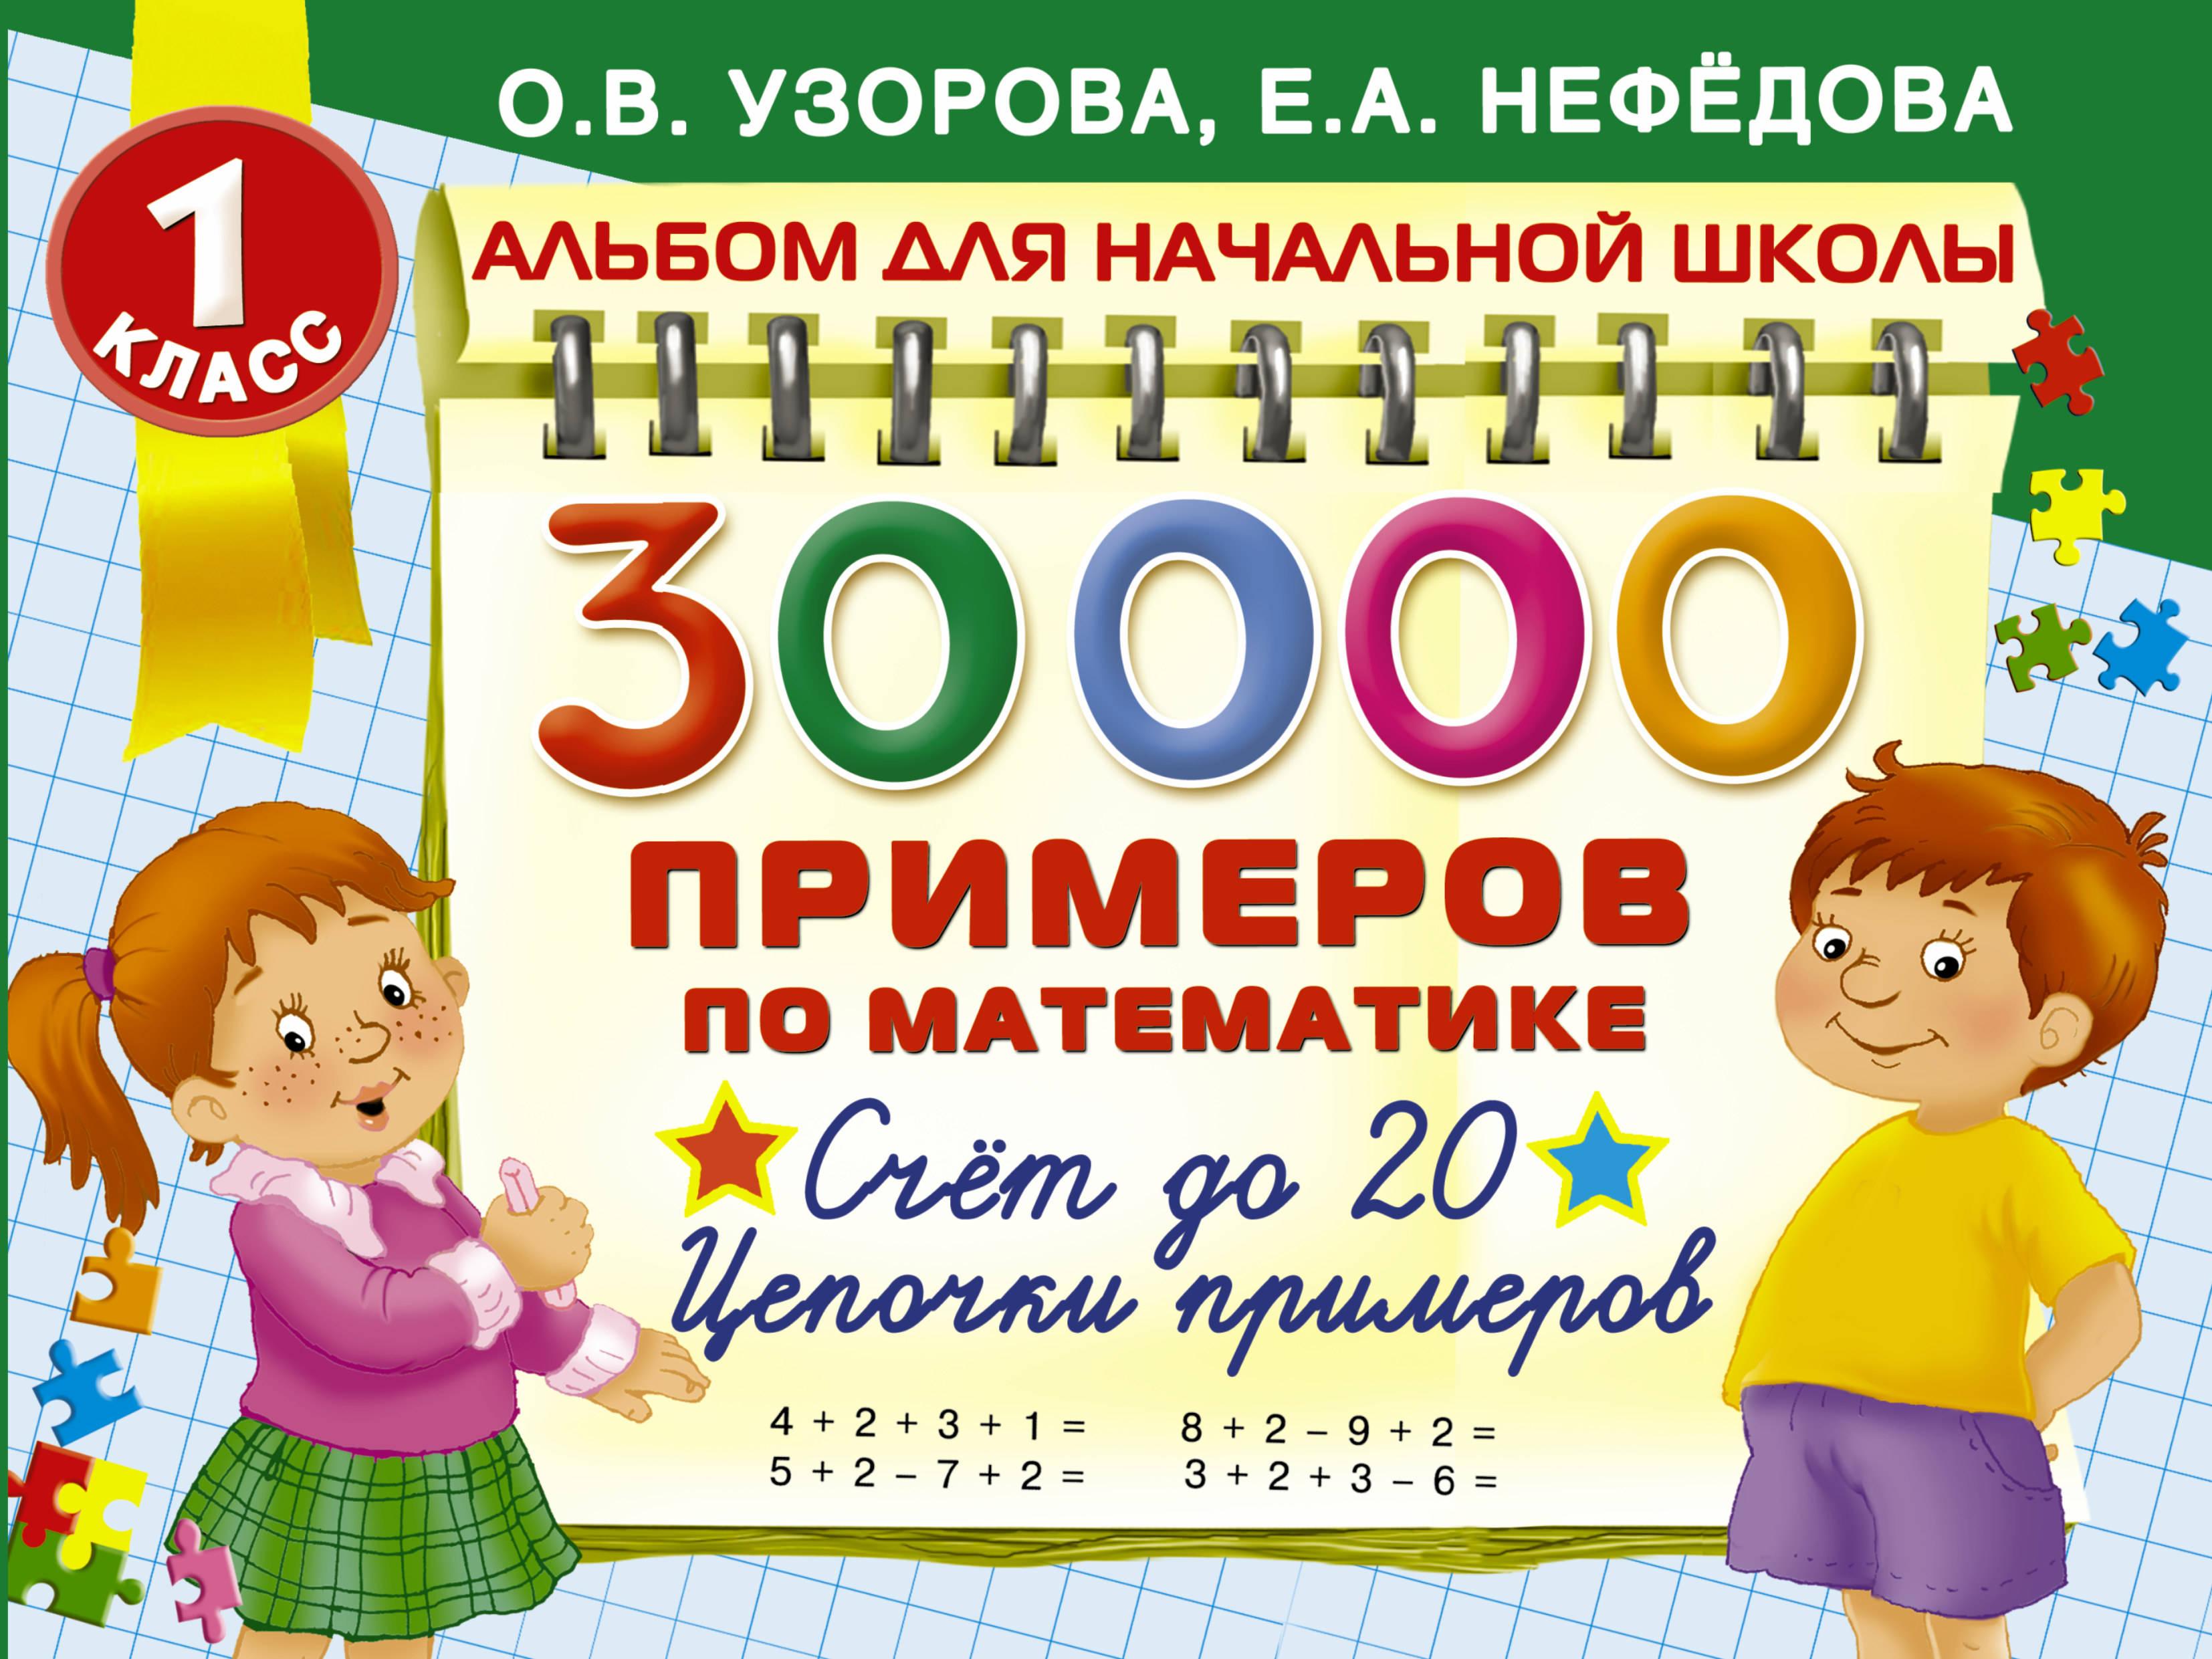 30000 примеров по математике. 1 класс: Счет до 20 , цепочки примеров